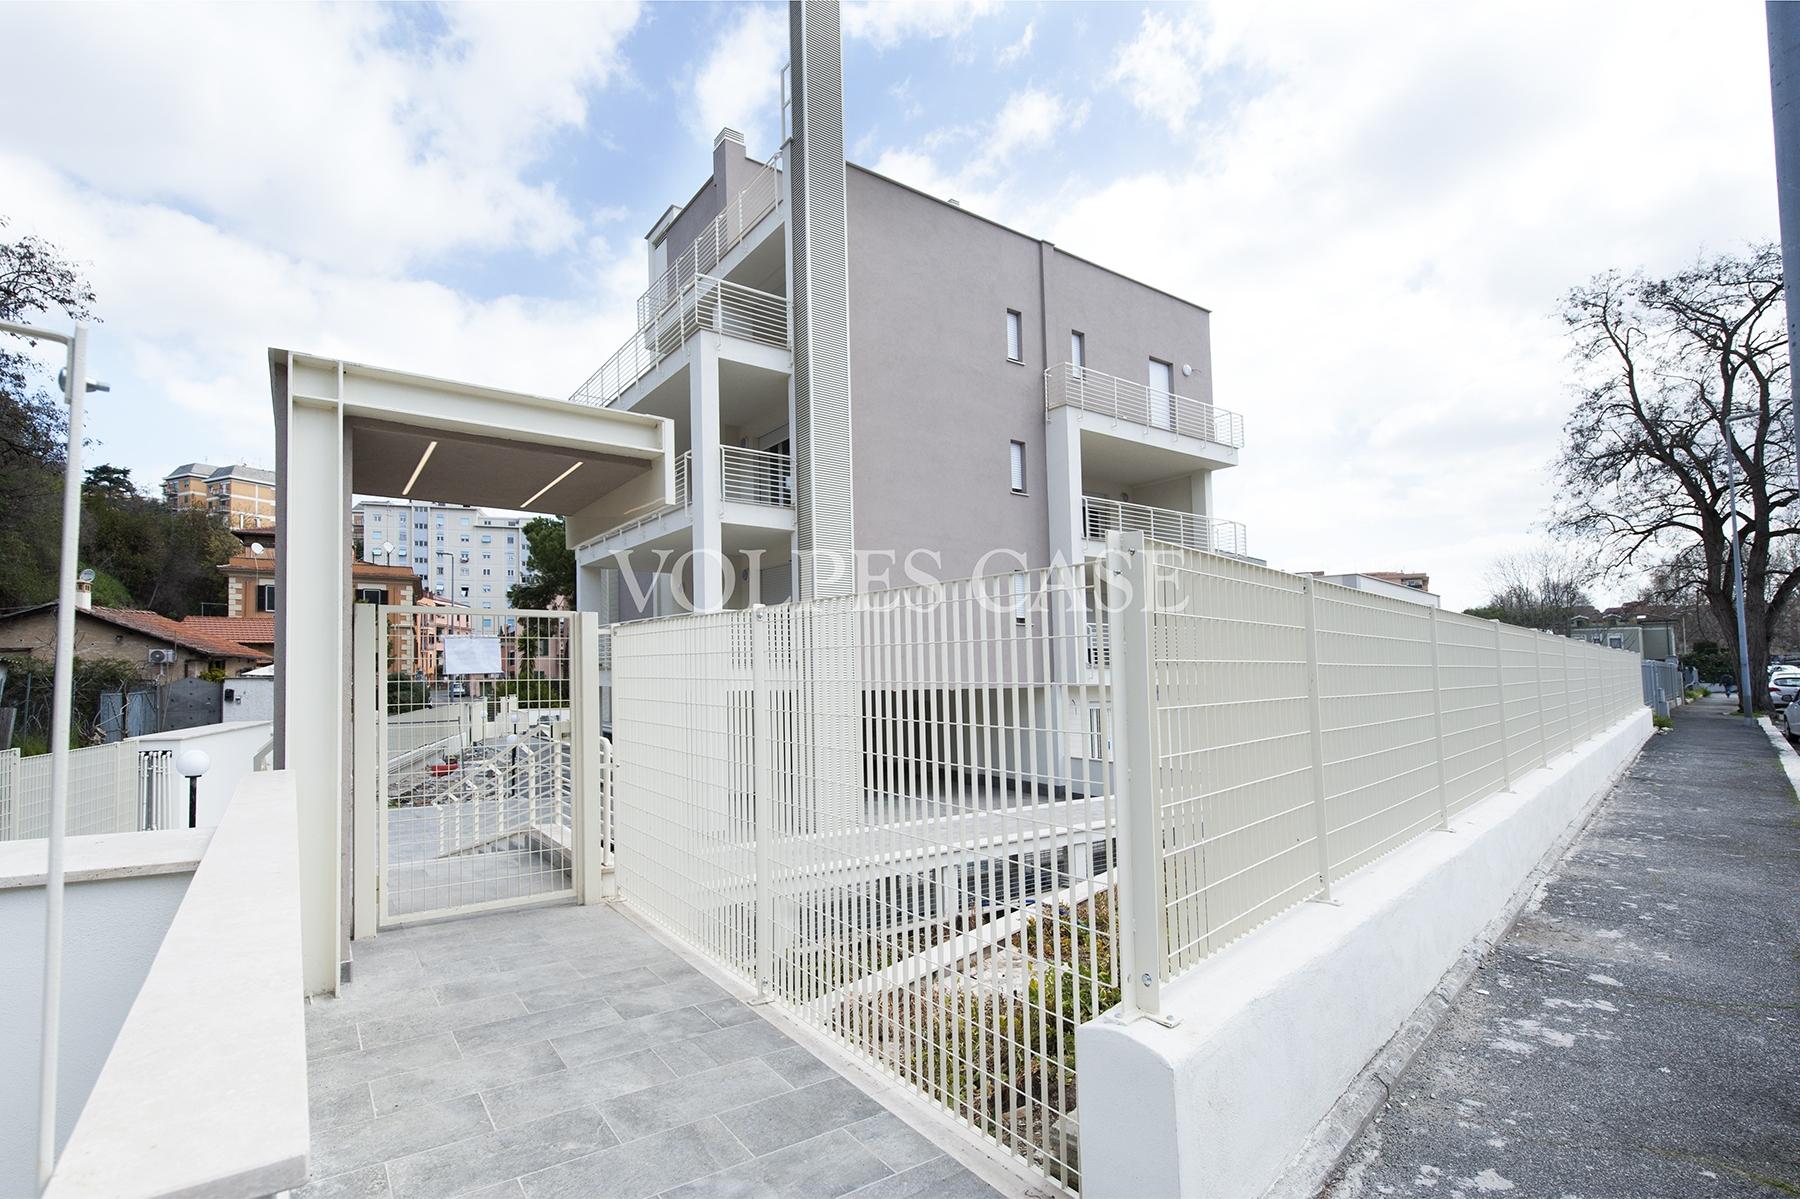 Appartamento in affitto a roma cod v45 3467 for Affitto appartamento roma privati